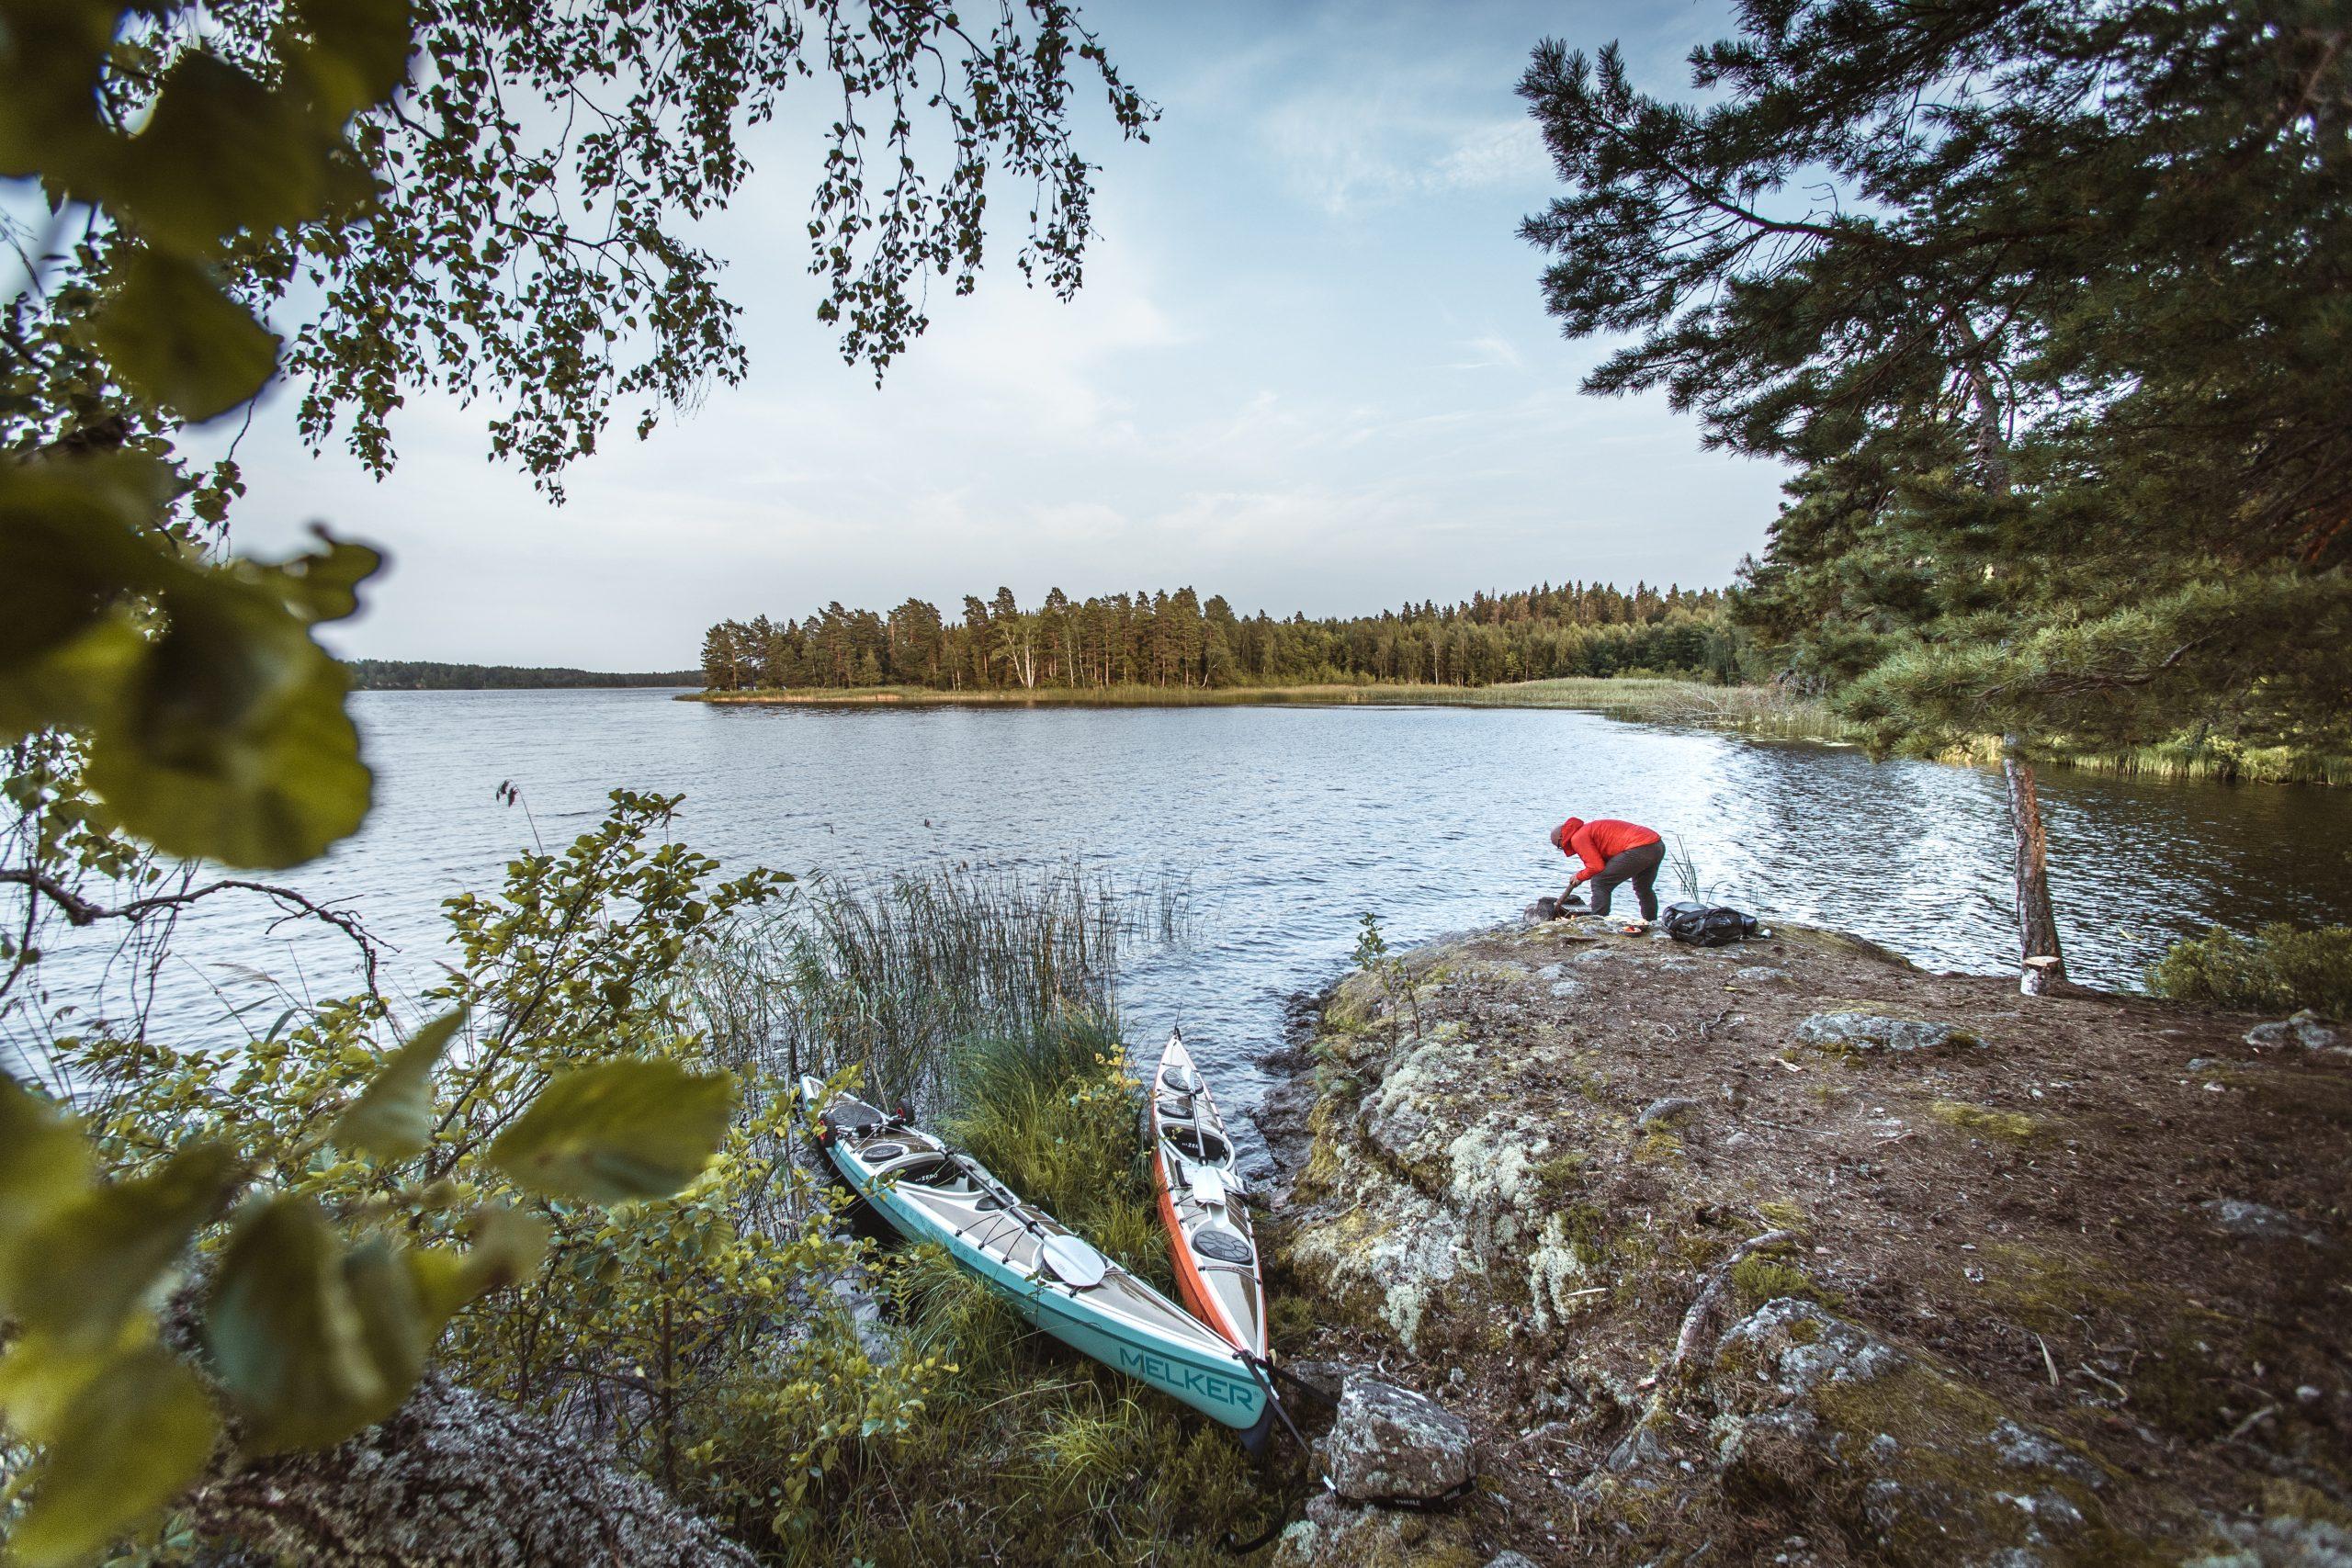 A multi-day kayaking trip through Sweden